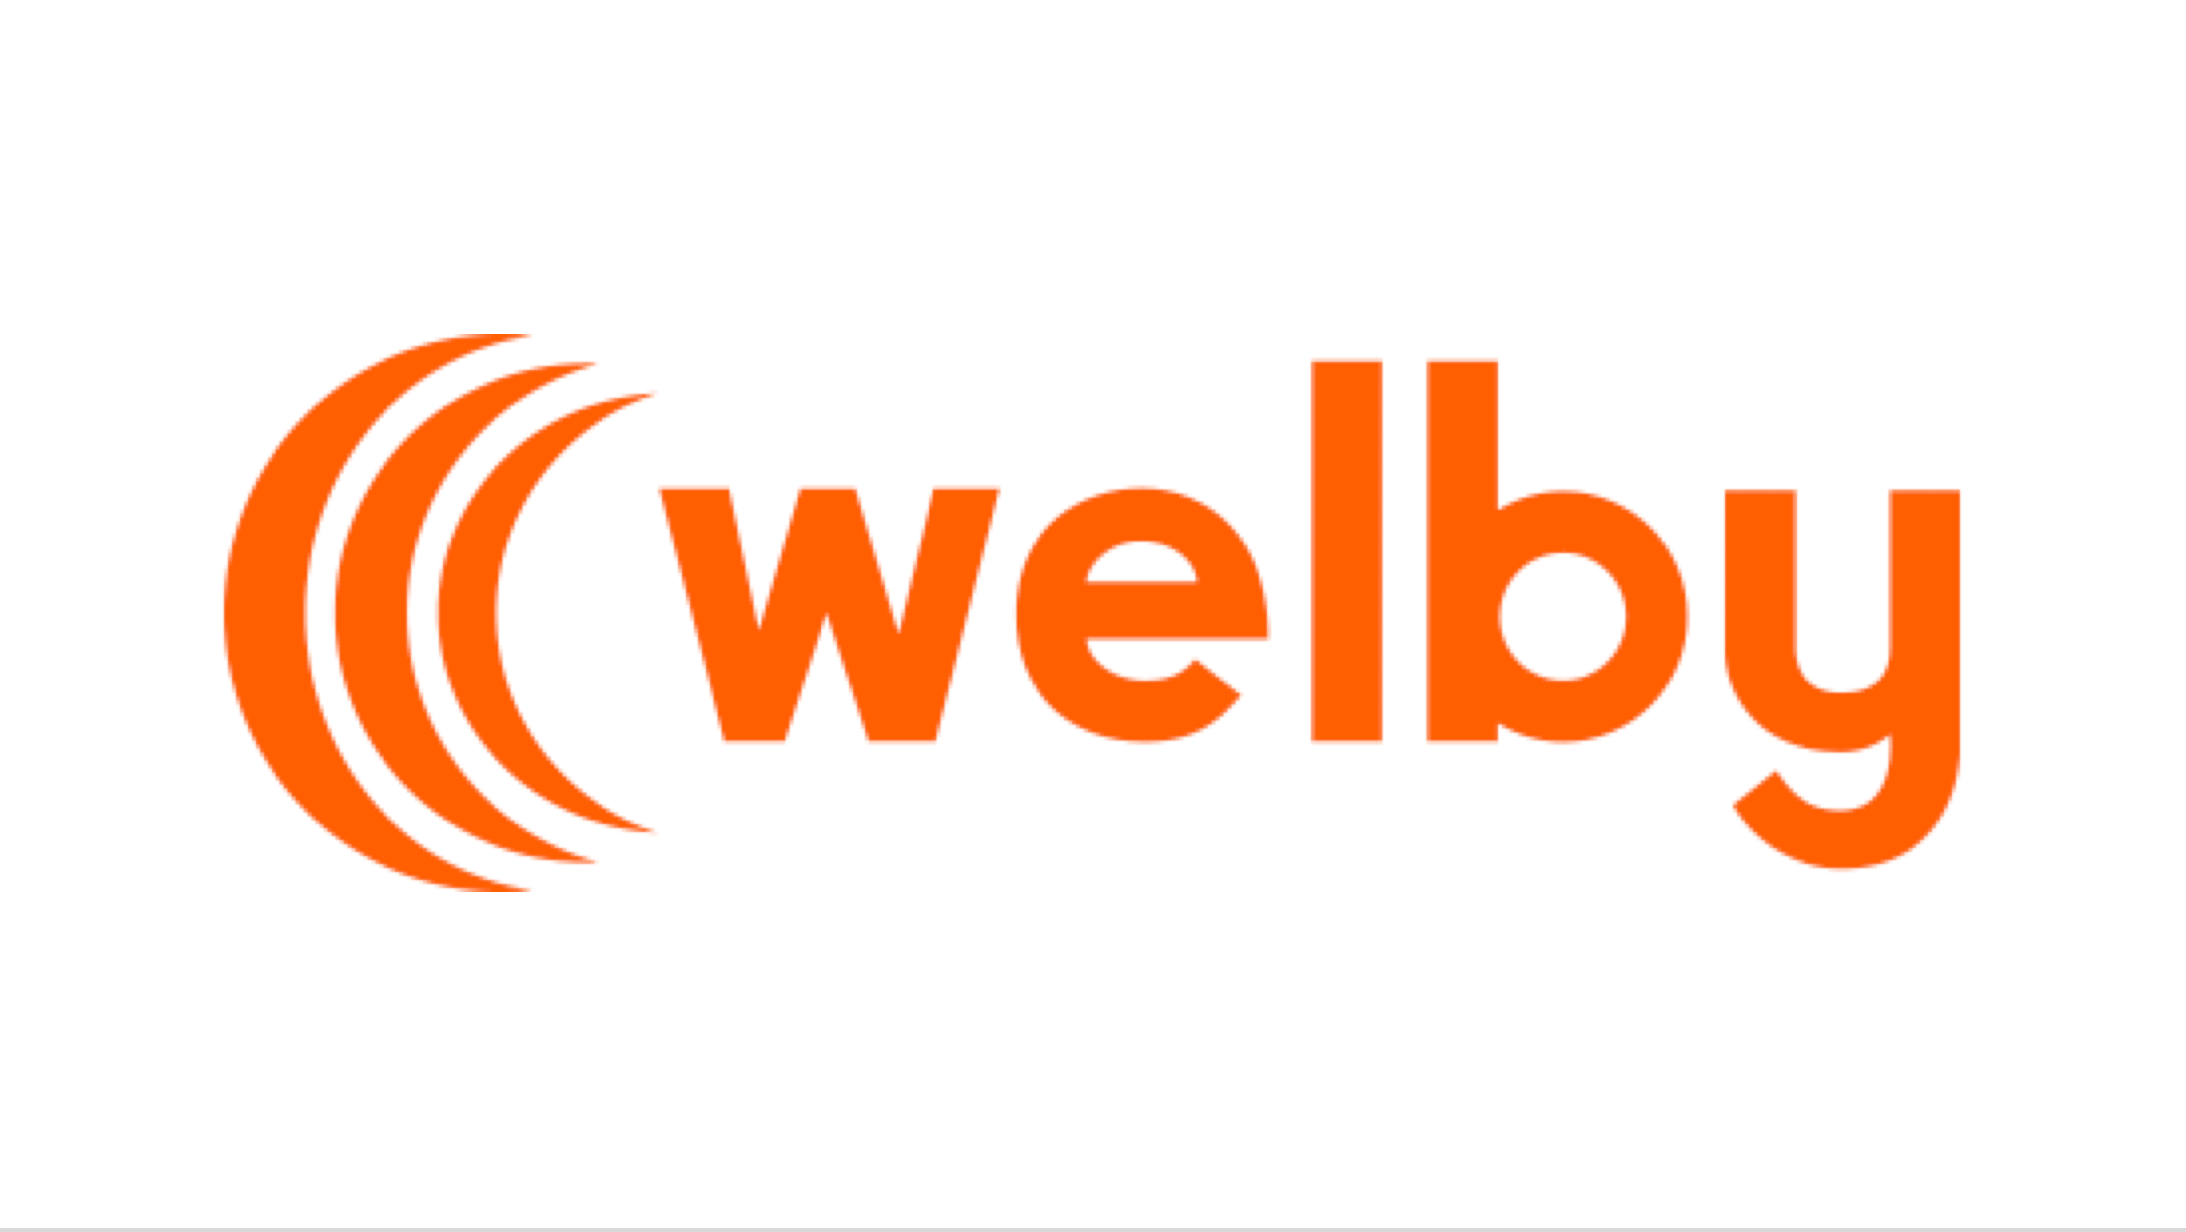 株式会社Welbyの決算/売上/経常利益を調べ、IR情報を徹底調査